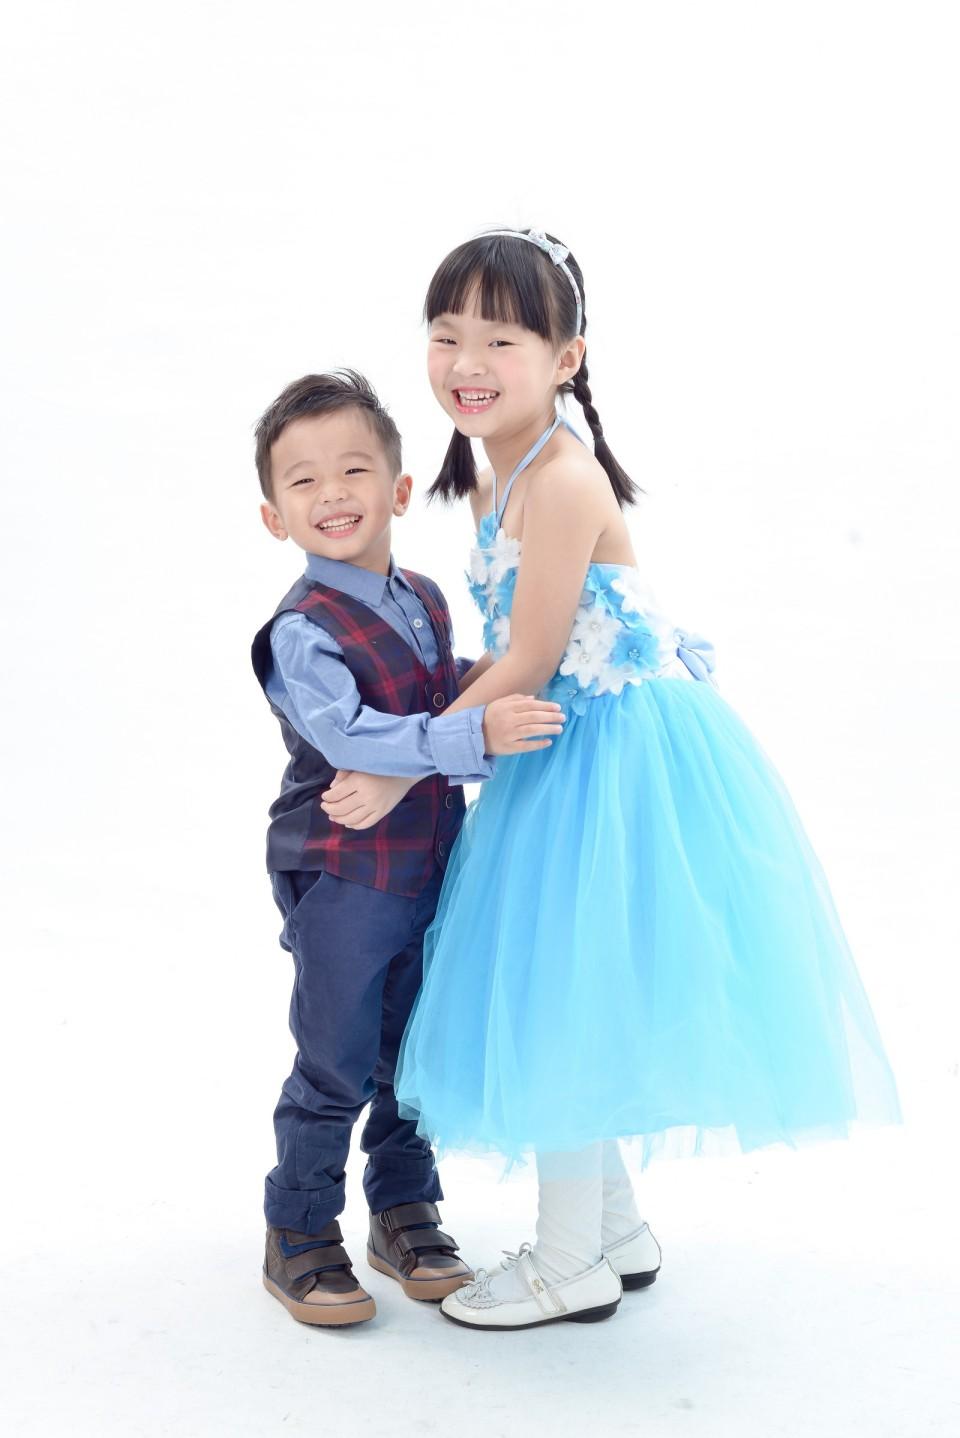 兒童寫真,兒童攝影,婚紗攝影師,自助婚紗,bb04